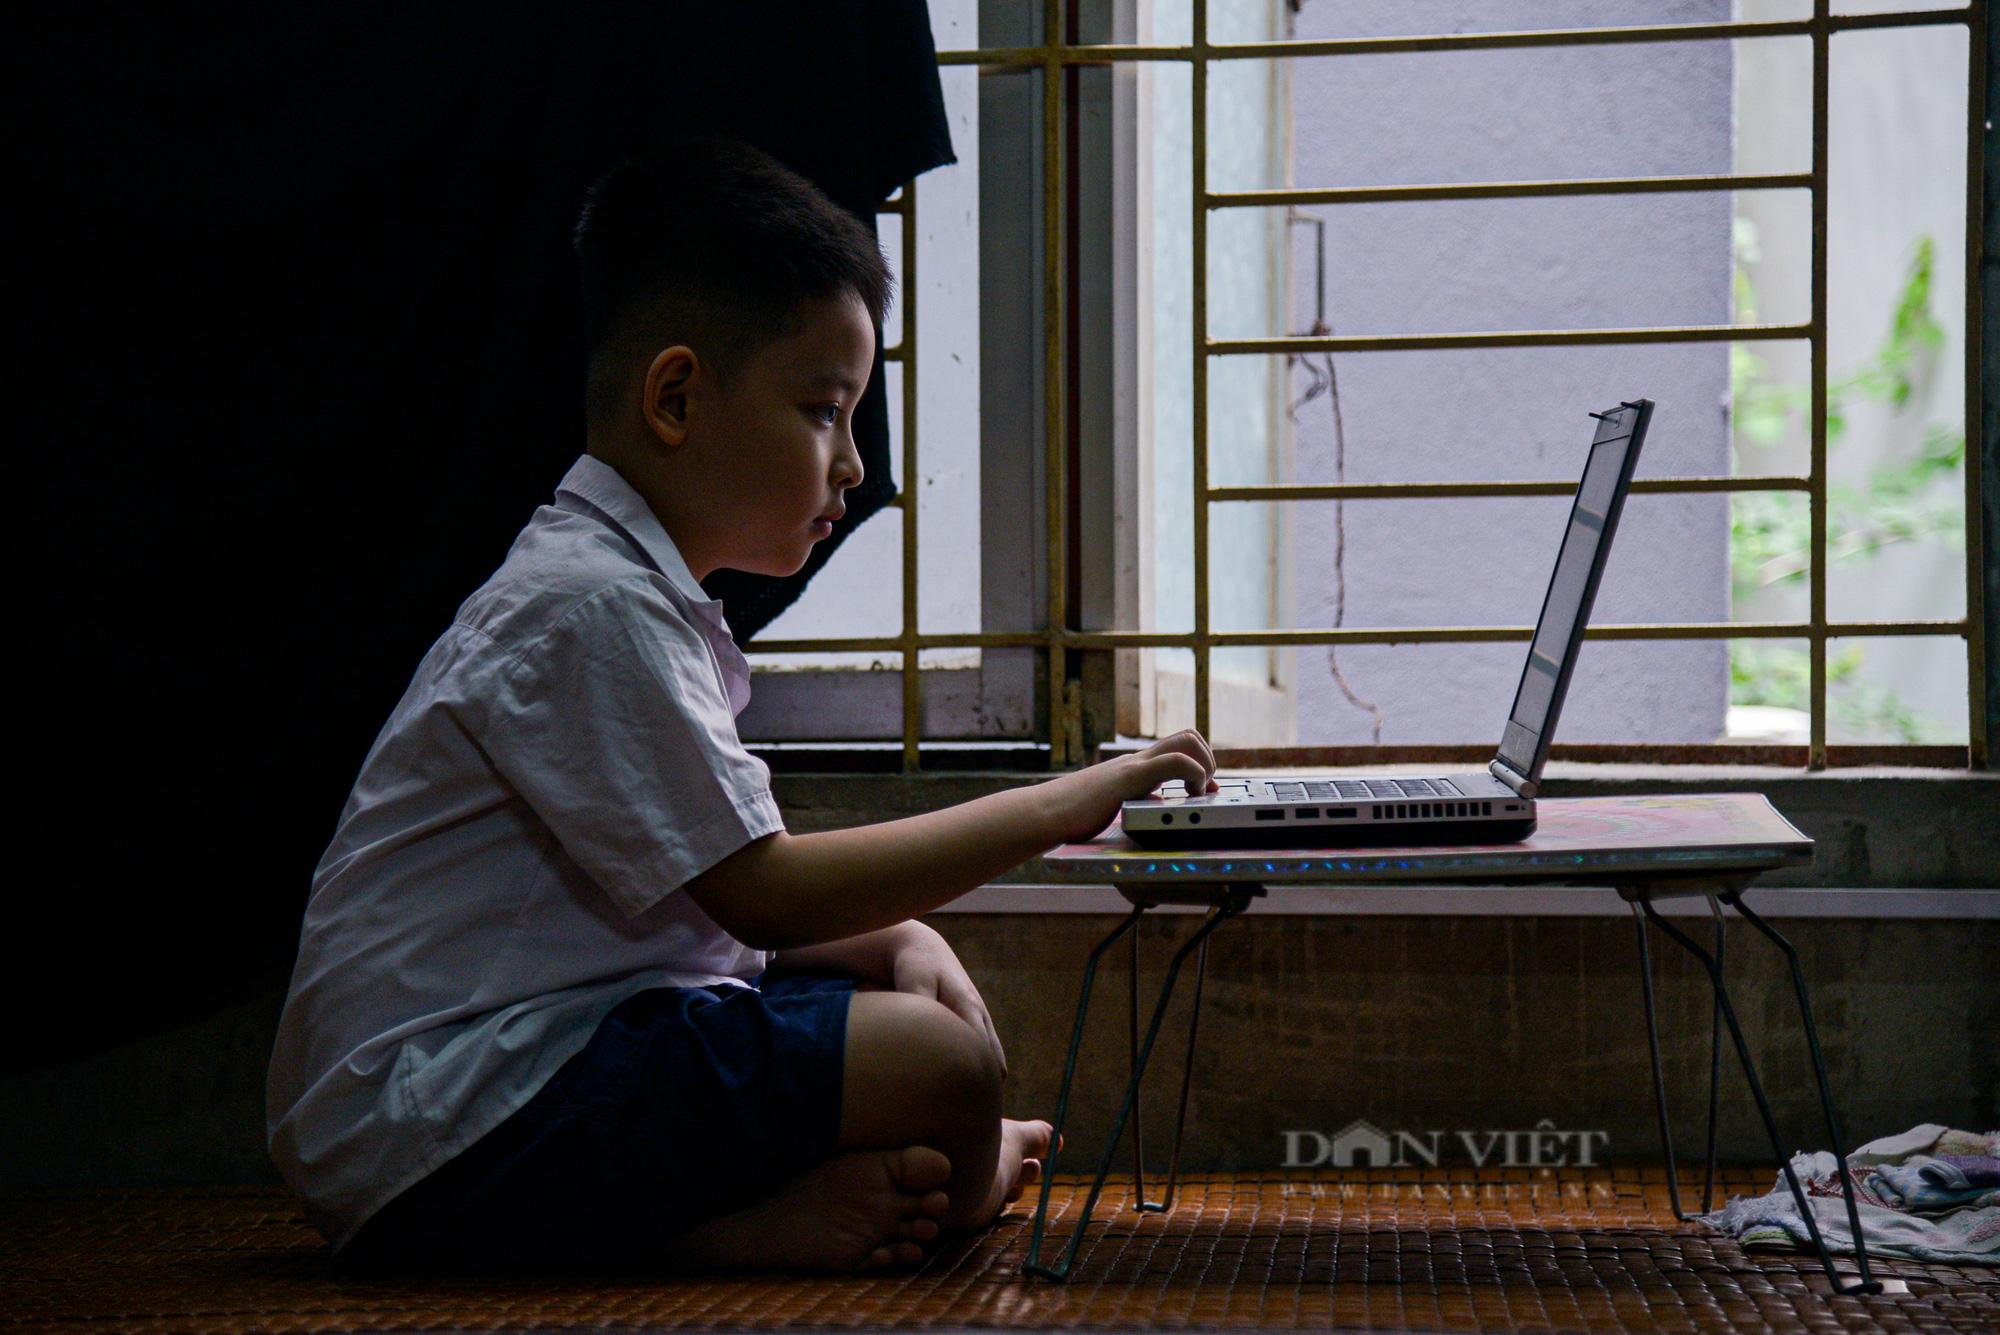 Hà Nội: Tặng máy tính cho trẻ em nghèo học online - Ảnh 10.